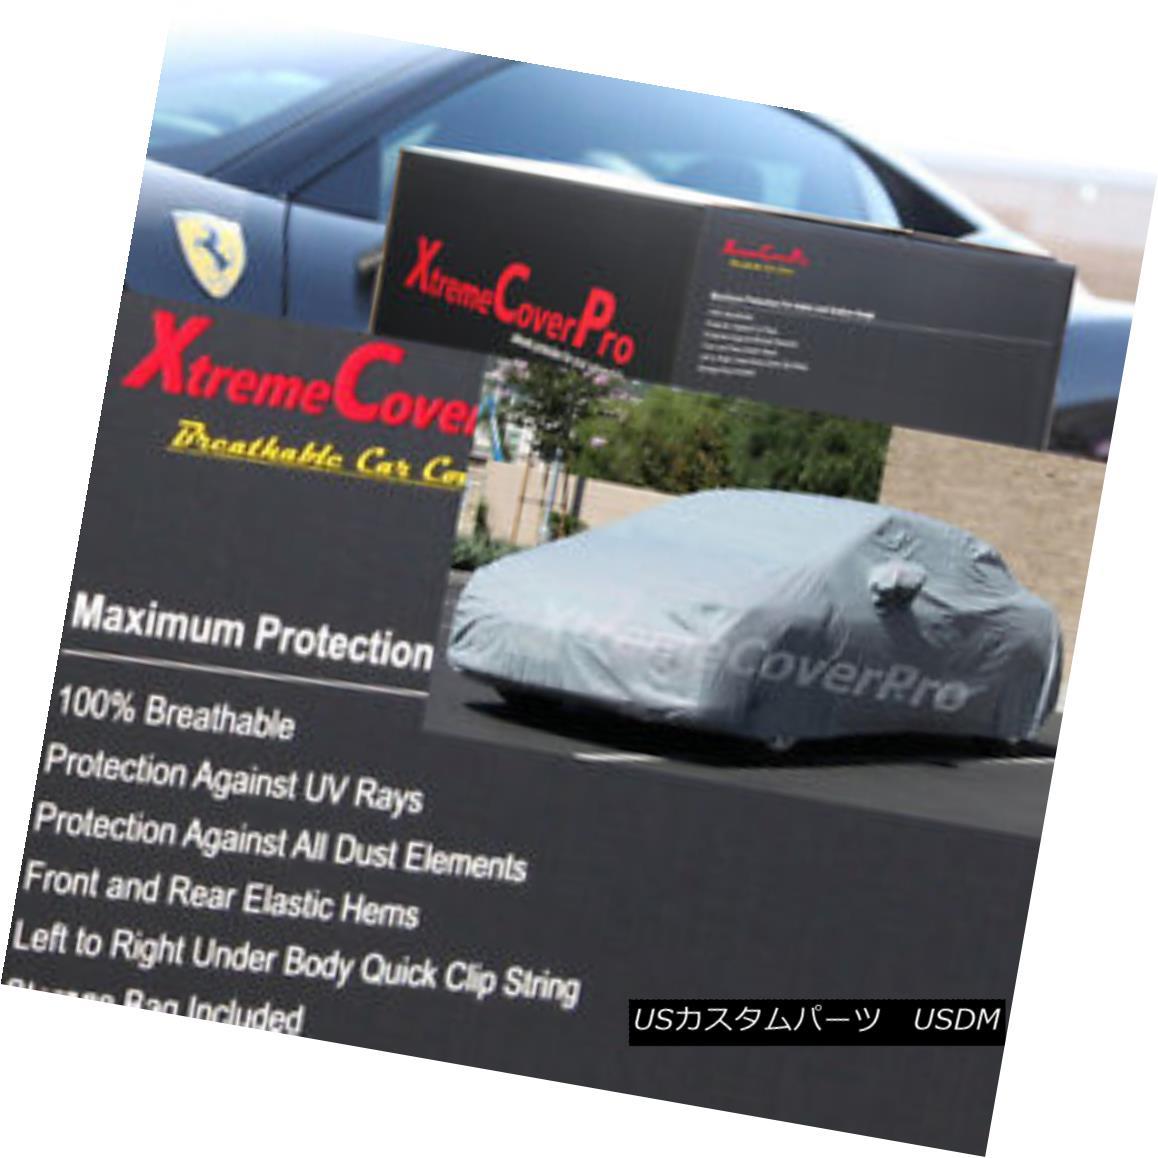 カーカバー 1992 1993 1994 Acura Vigor Breathable Car Cover w/MirrorPocket 1992 1993 1994 Acura Vigor通気性車カバー付きMirrorPocket